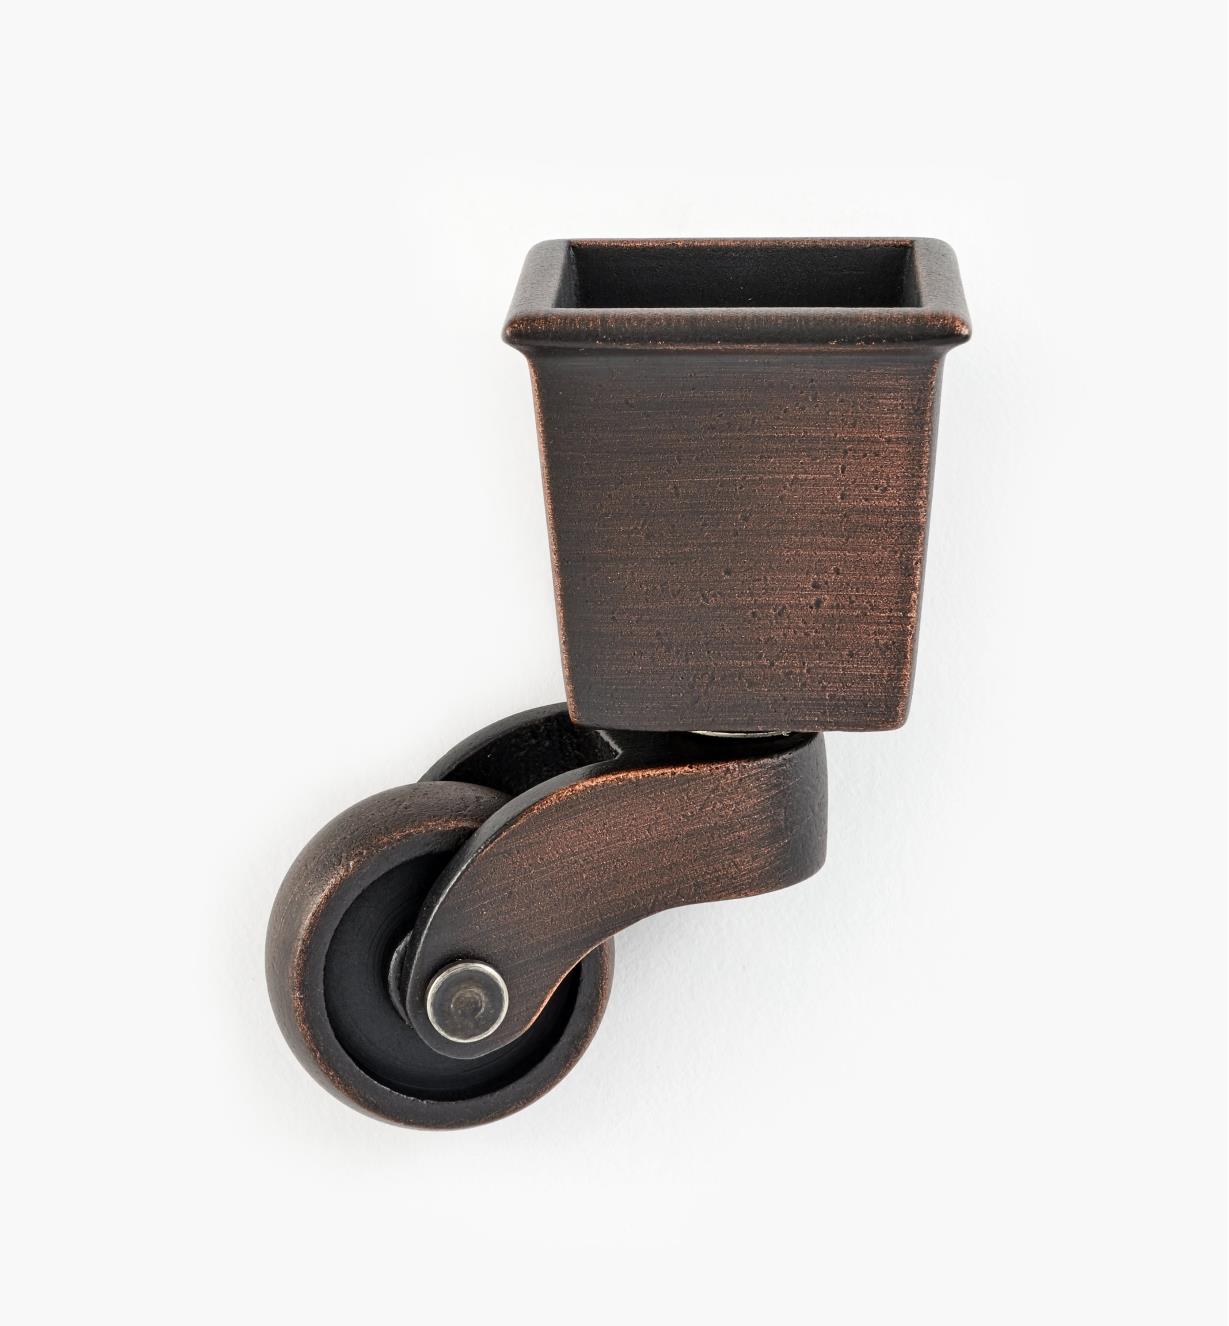 00W9863 - Roulette à sabot carré en laiton, vieux bronze, l'unité